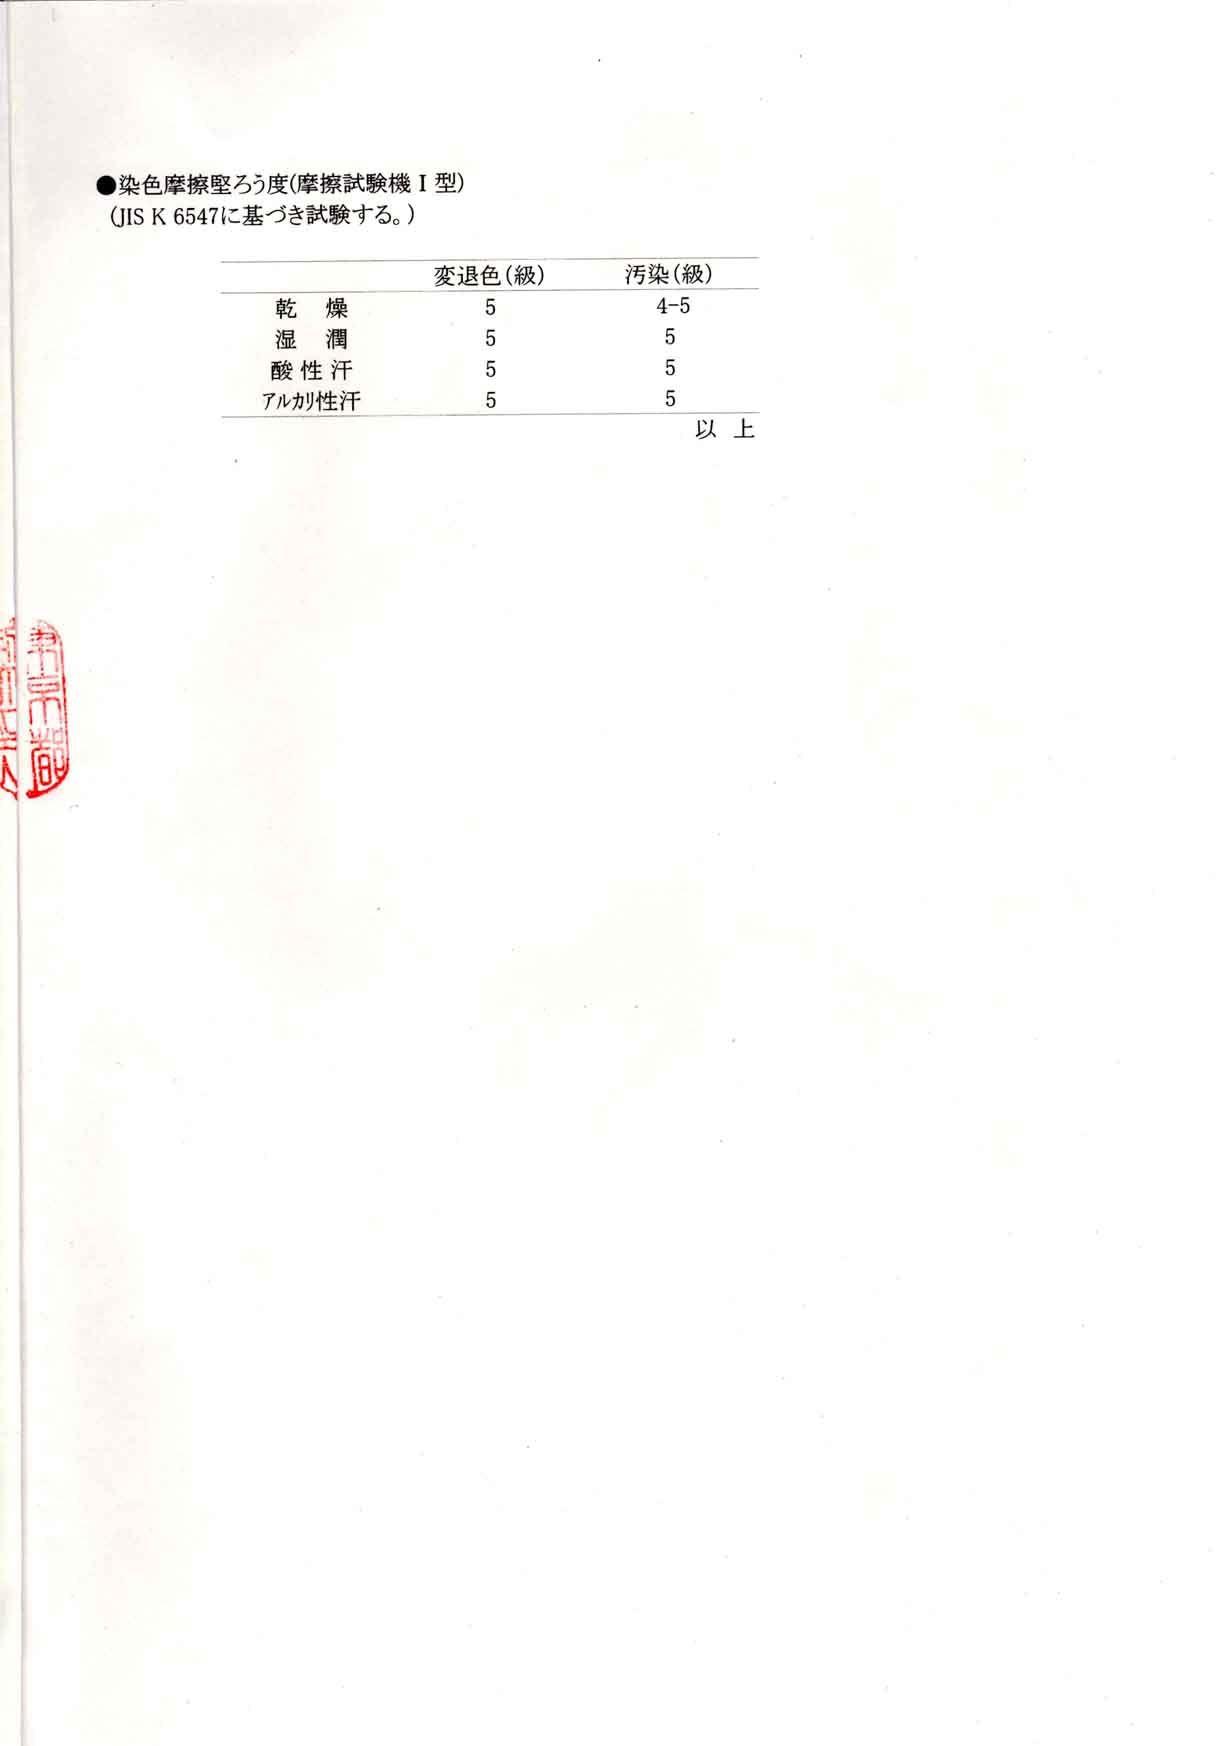 日本製 レディース 大人のレザーリュック 軽量でA4が入るので通勤に最適 「Together/Blue」